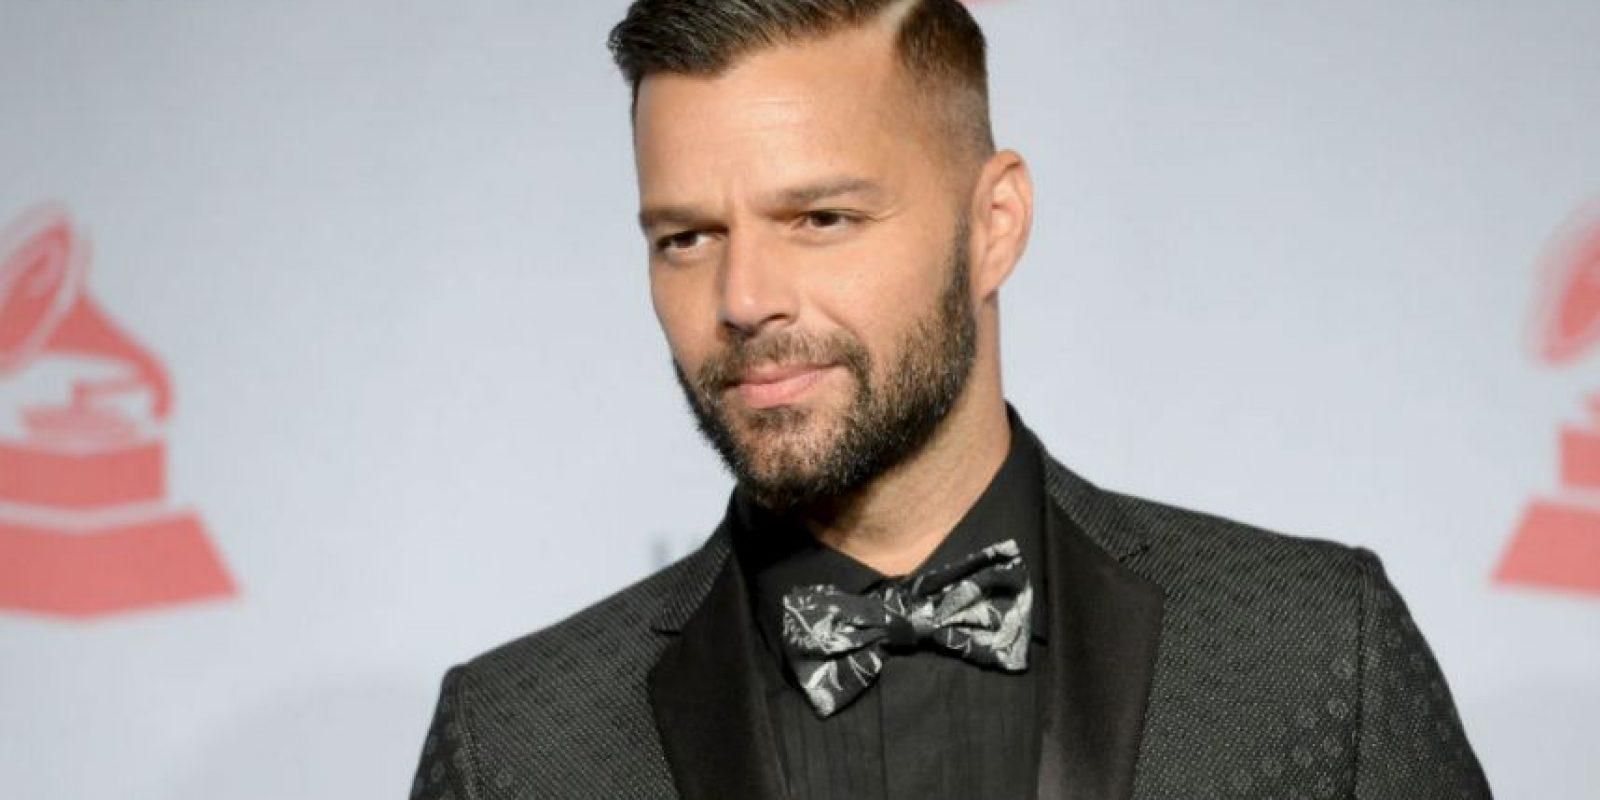 Así como Ricky Martin, hay otros famosos que ya no ocultan su sexualidad. Foto:Getty Images